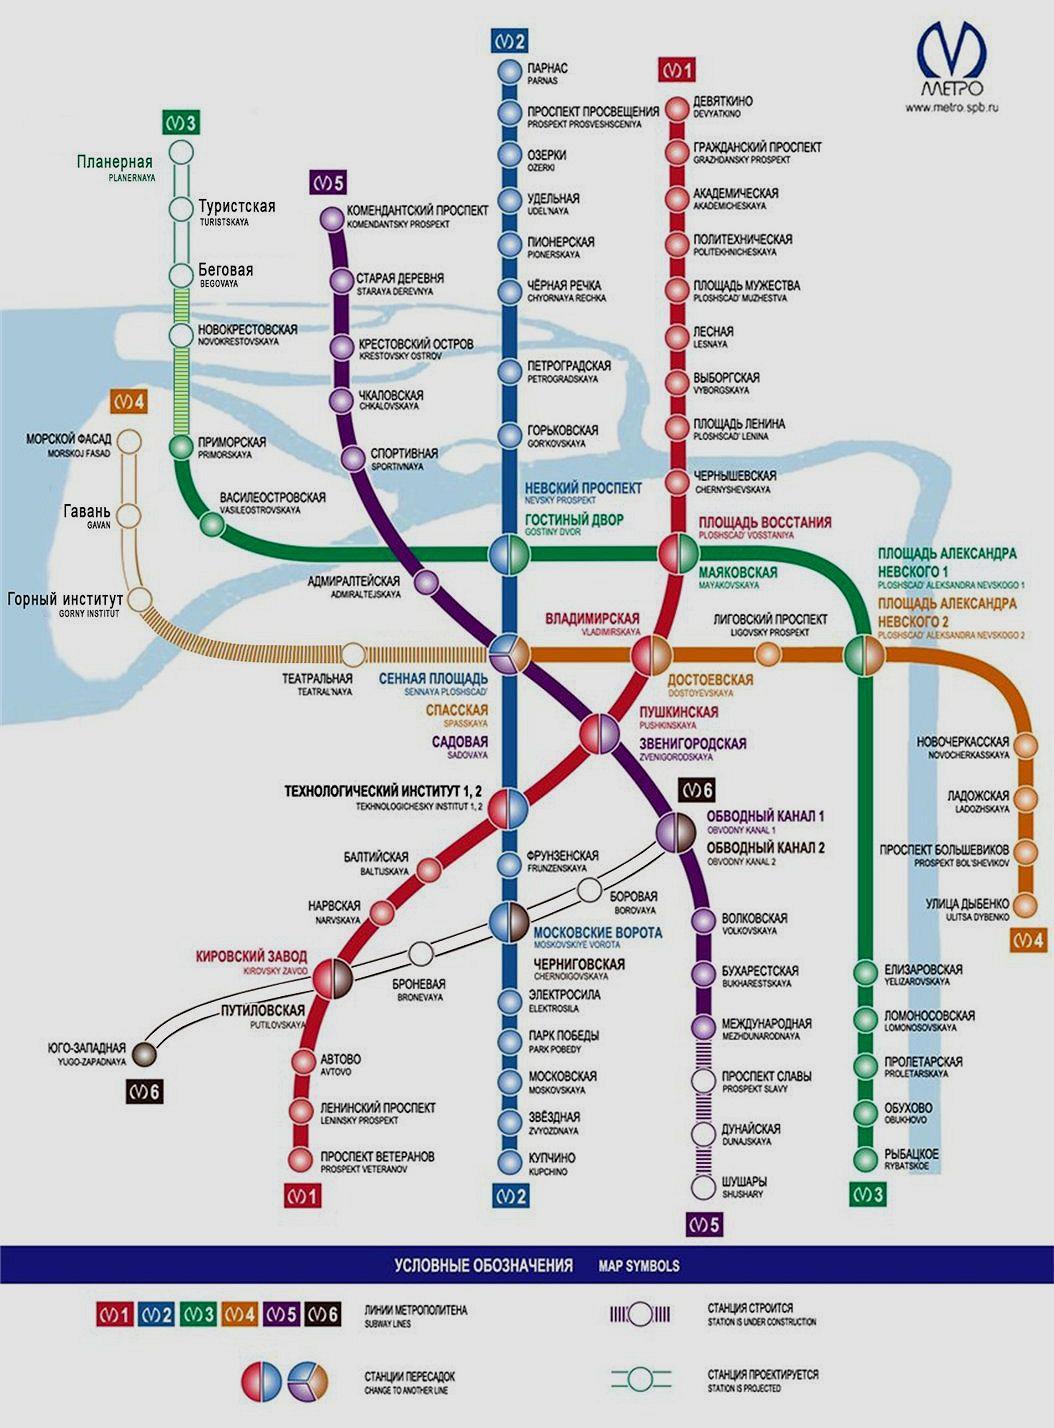 Карта метро санкт-петербурга 2017 схема в хорошем качестве